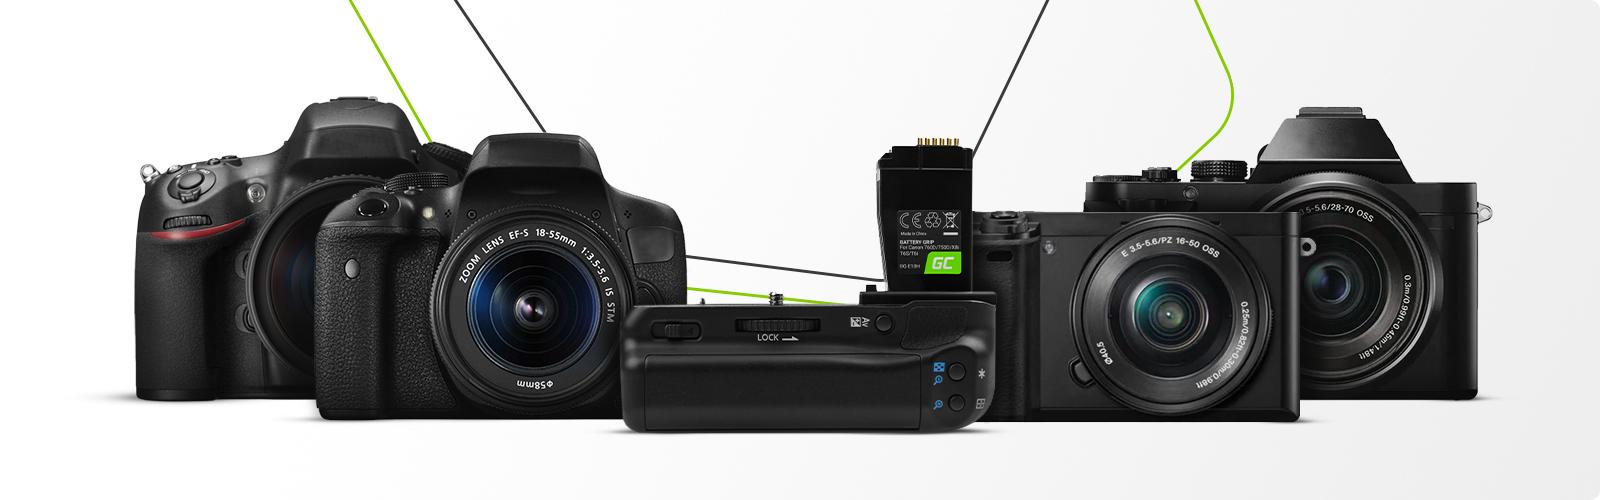 Sony BG-E18